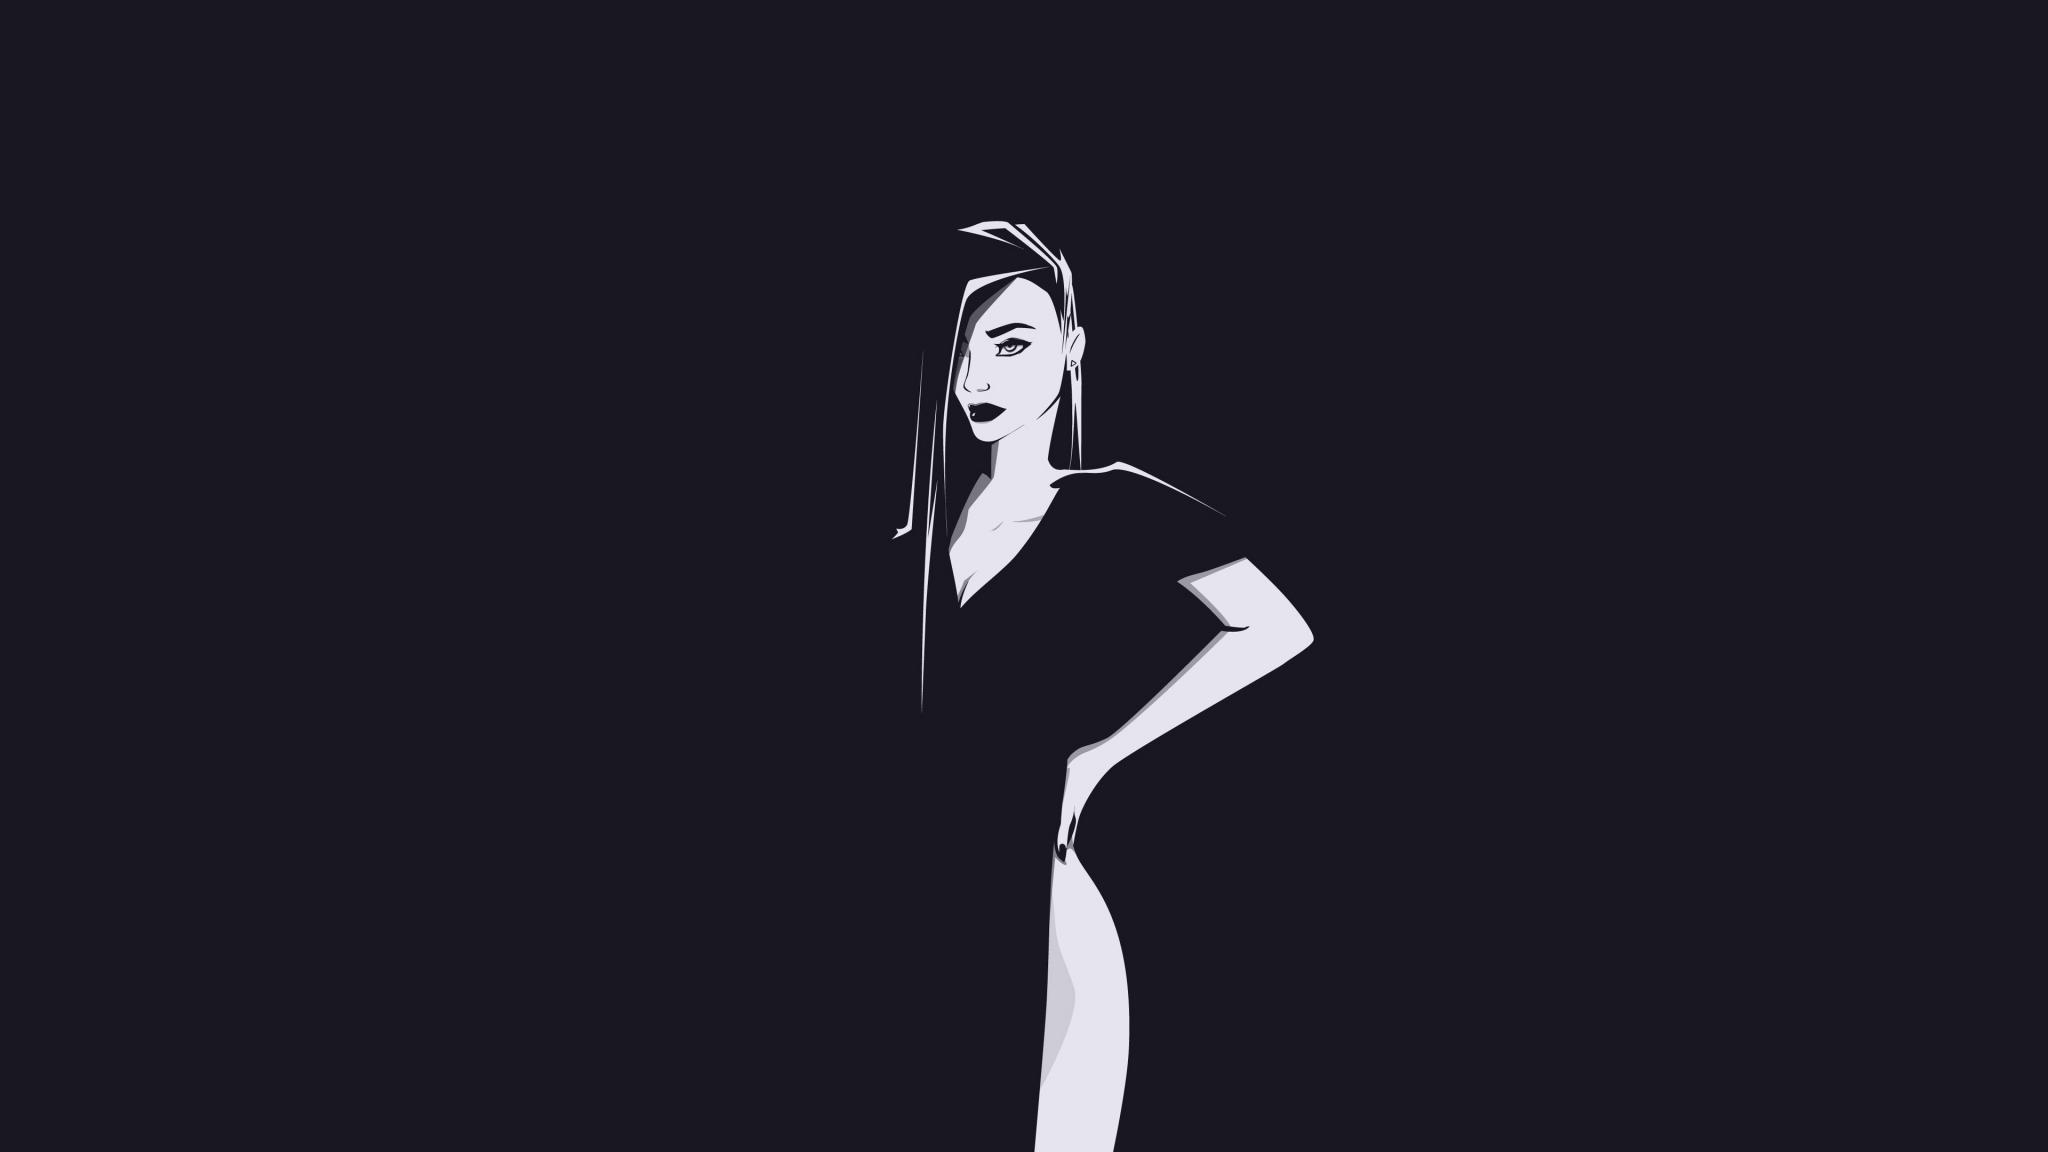 Minimal, urban woman, art, 2048x1152 wallpaper